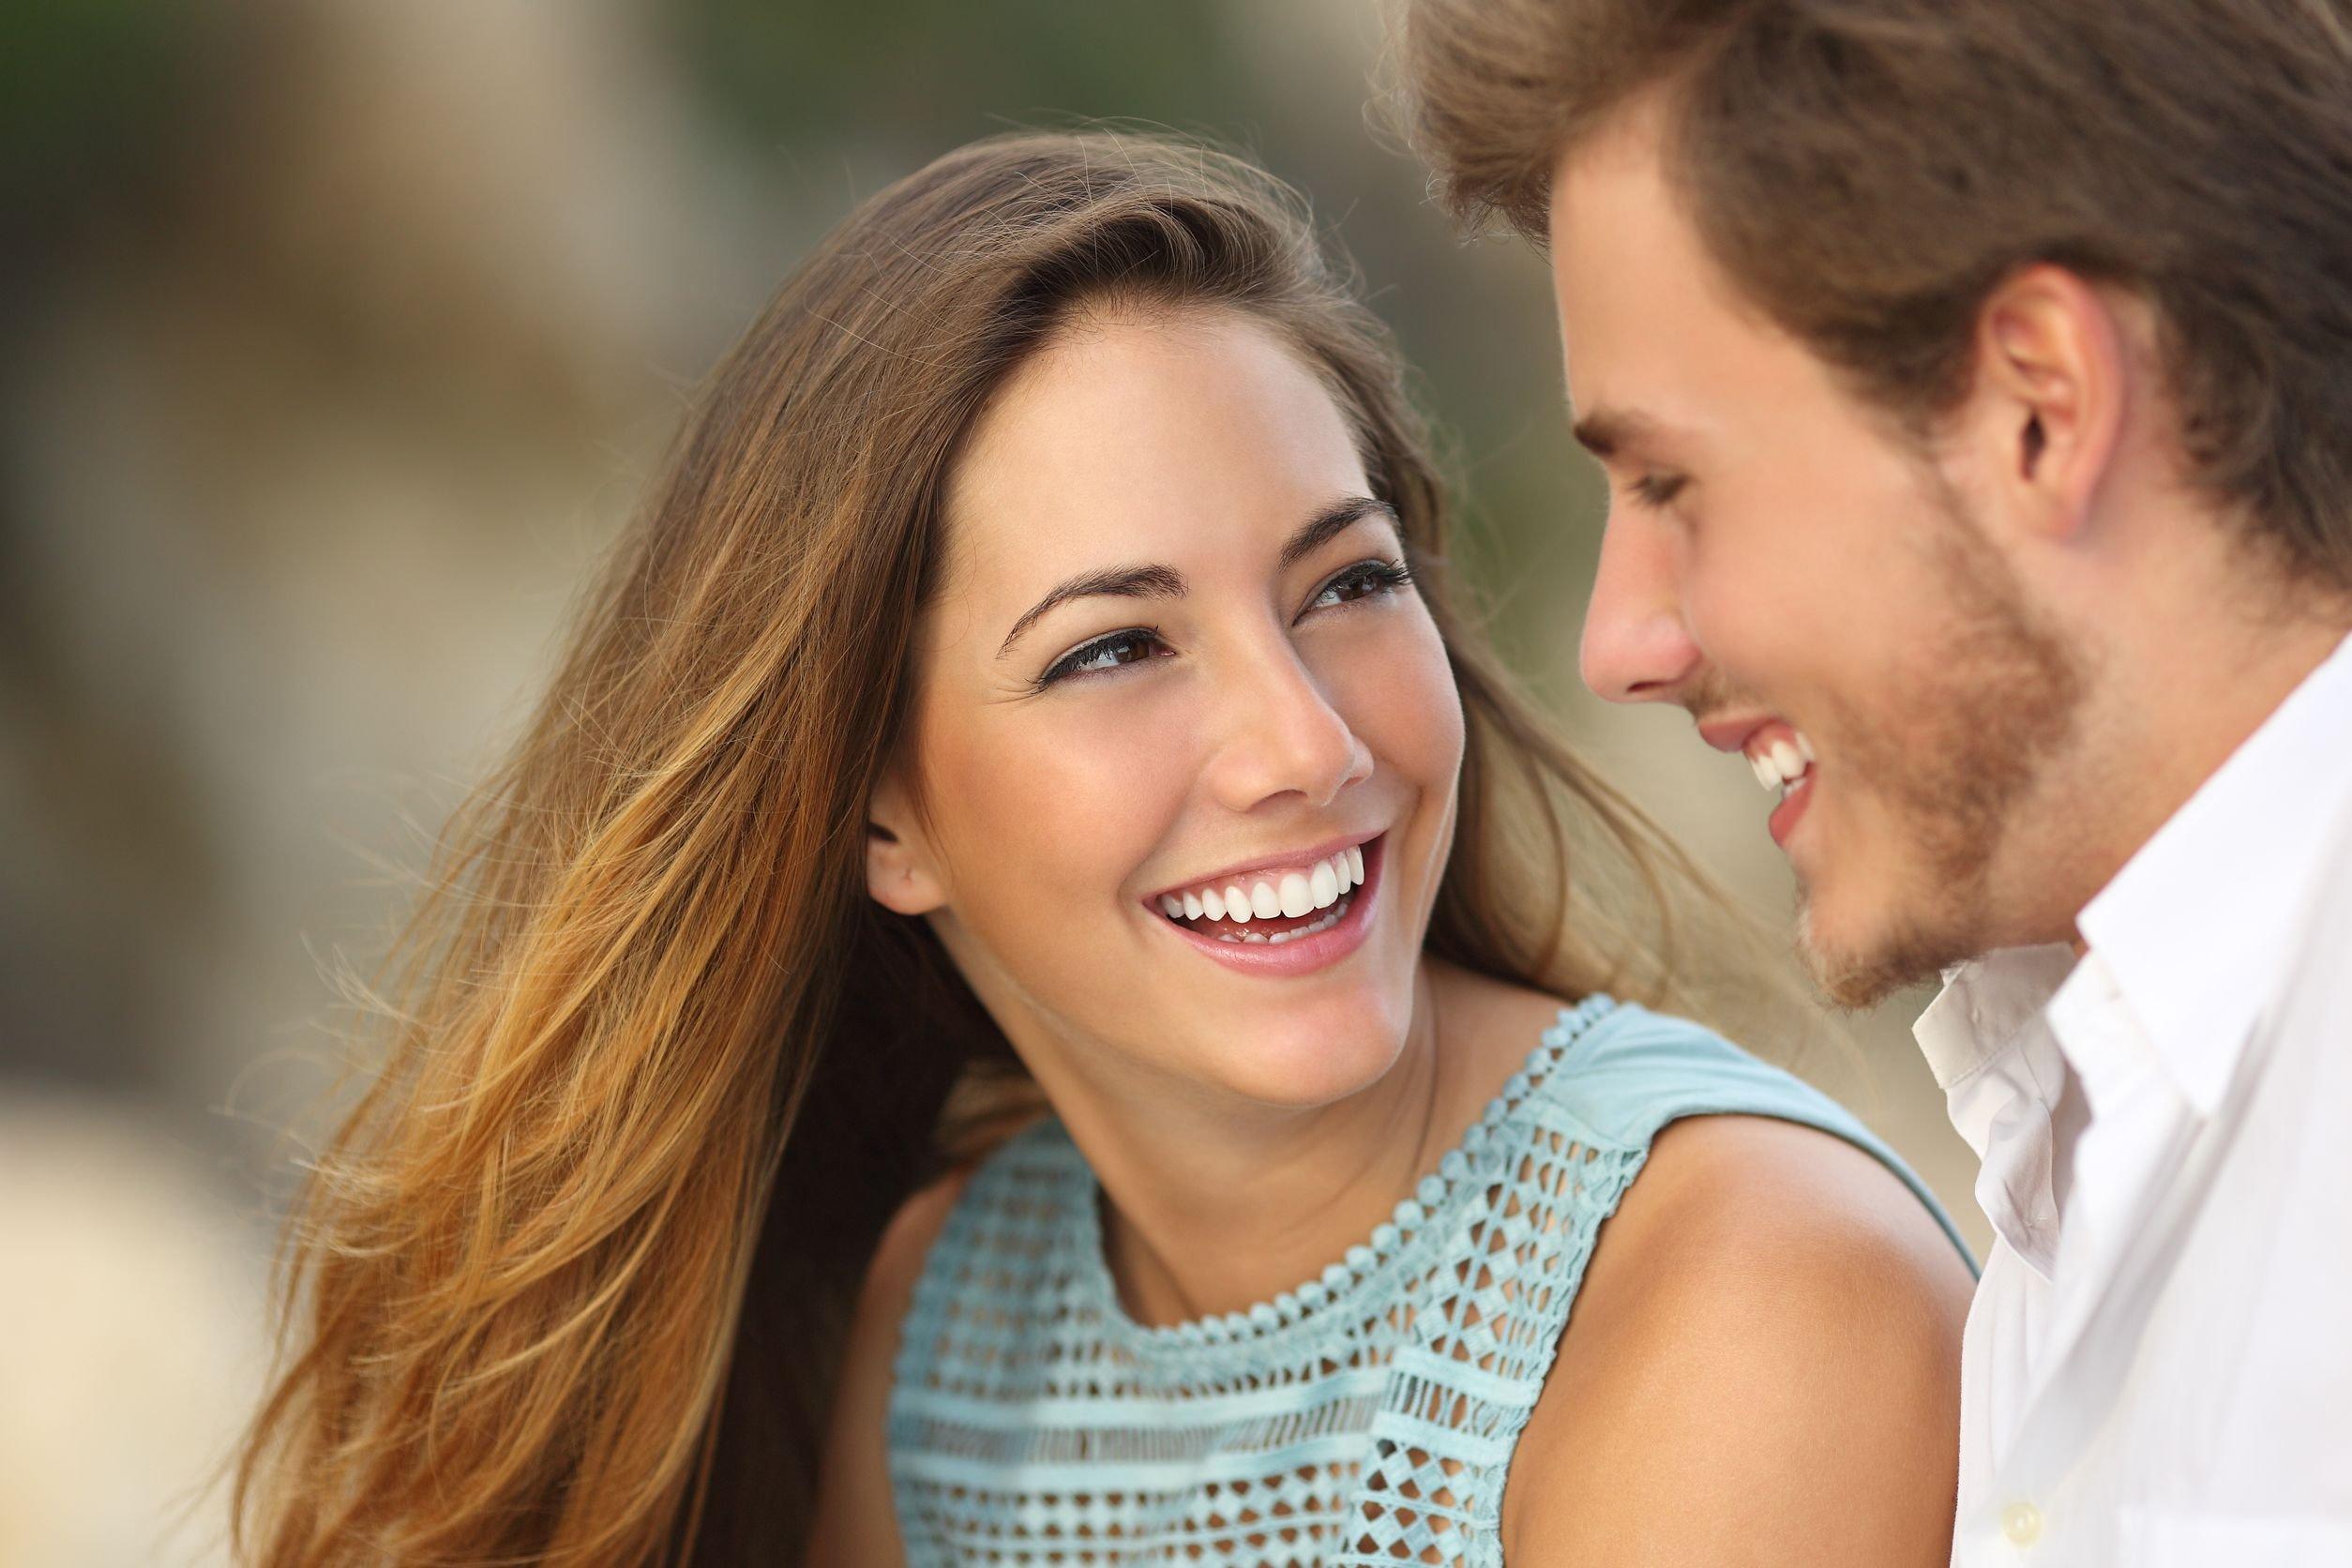 Depoimentos de amor para namorada yahoo dating